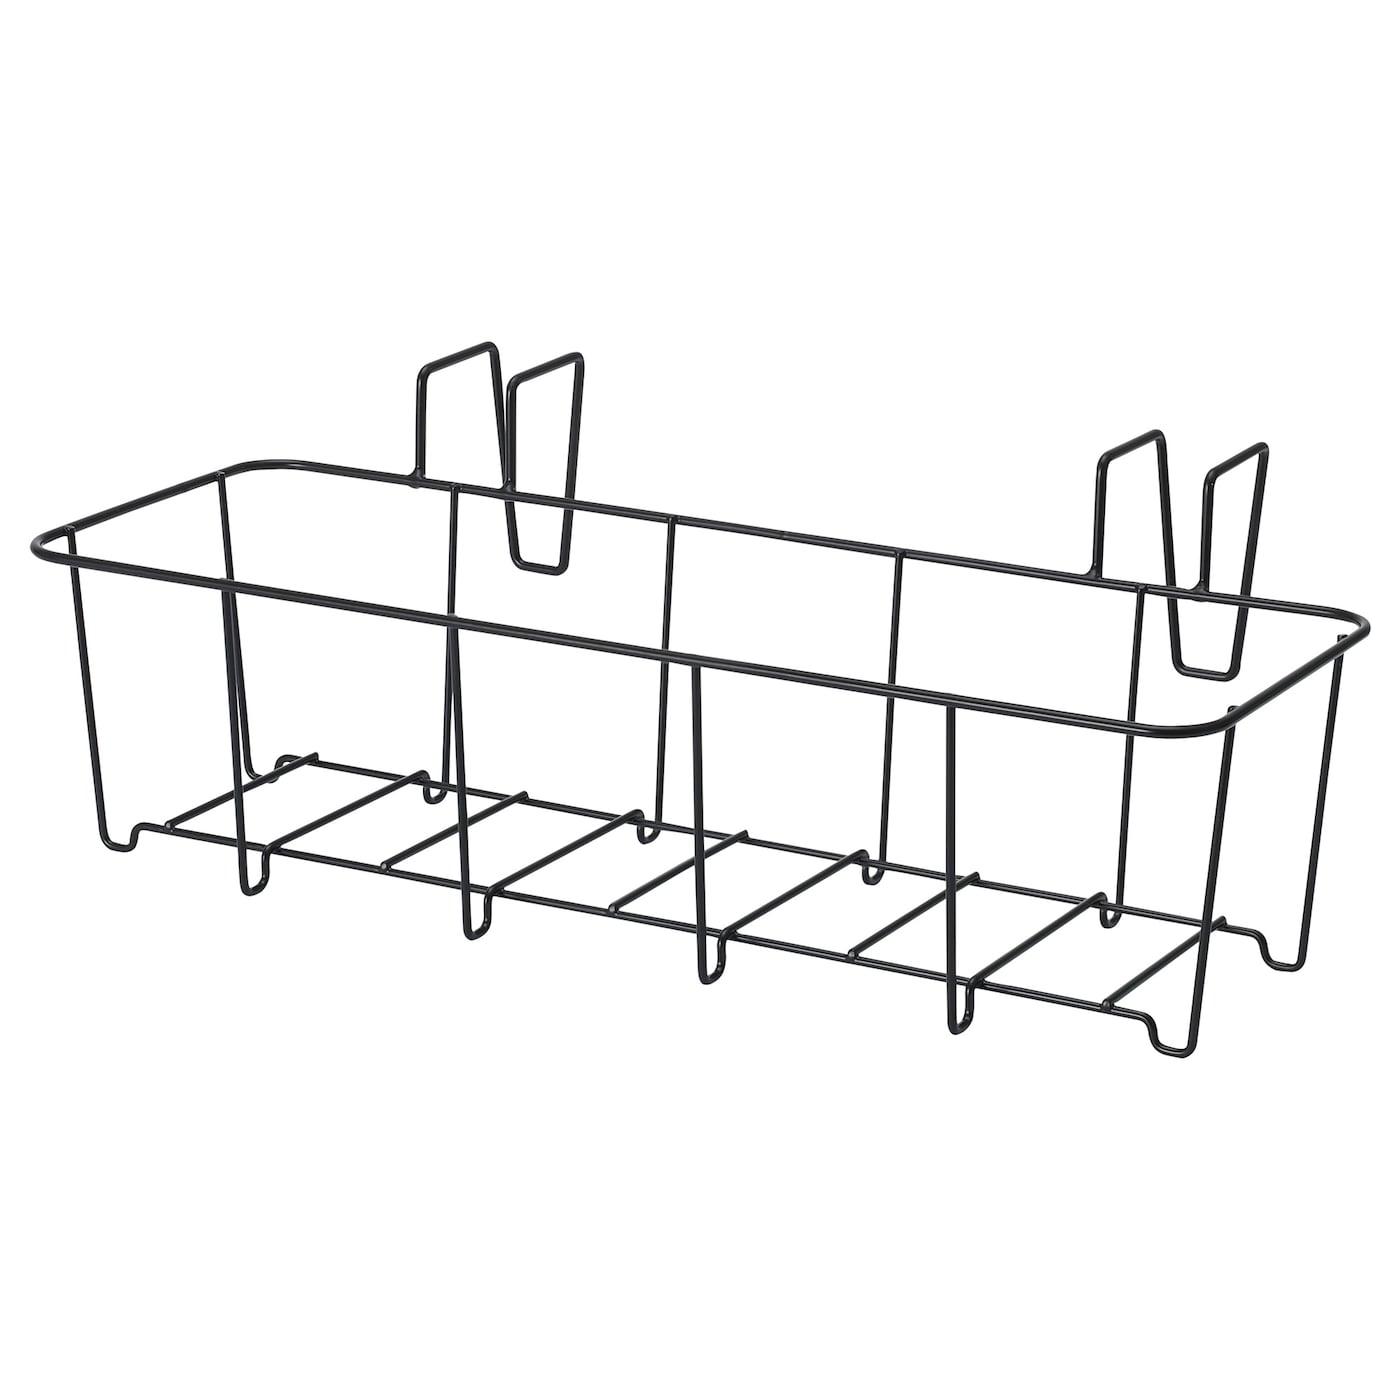 SVARTPEPPAR podu turētājs - iekšpusē / ārā melns 45x16 cm